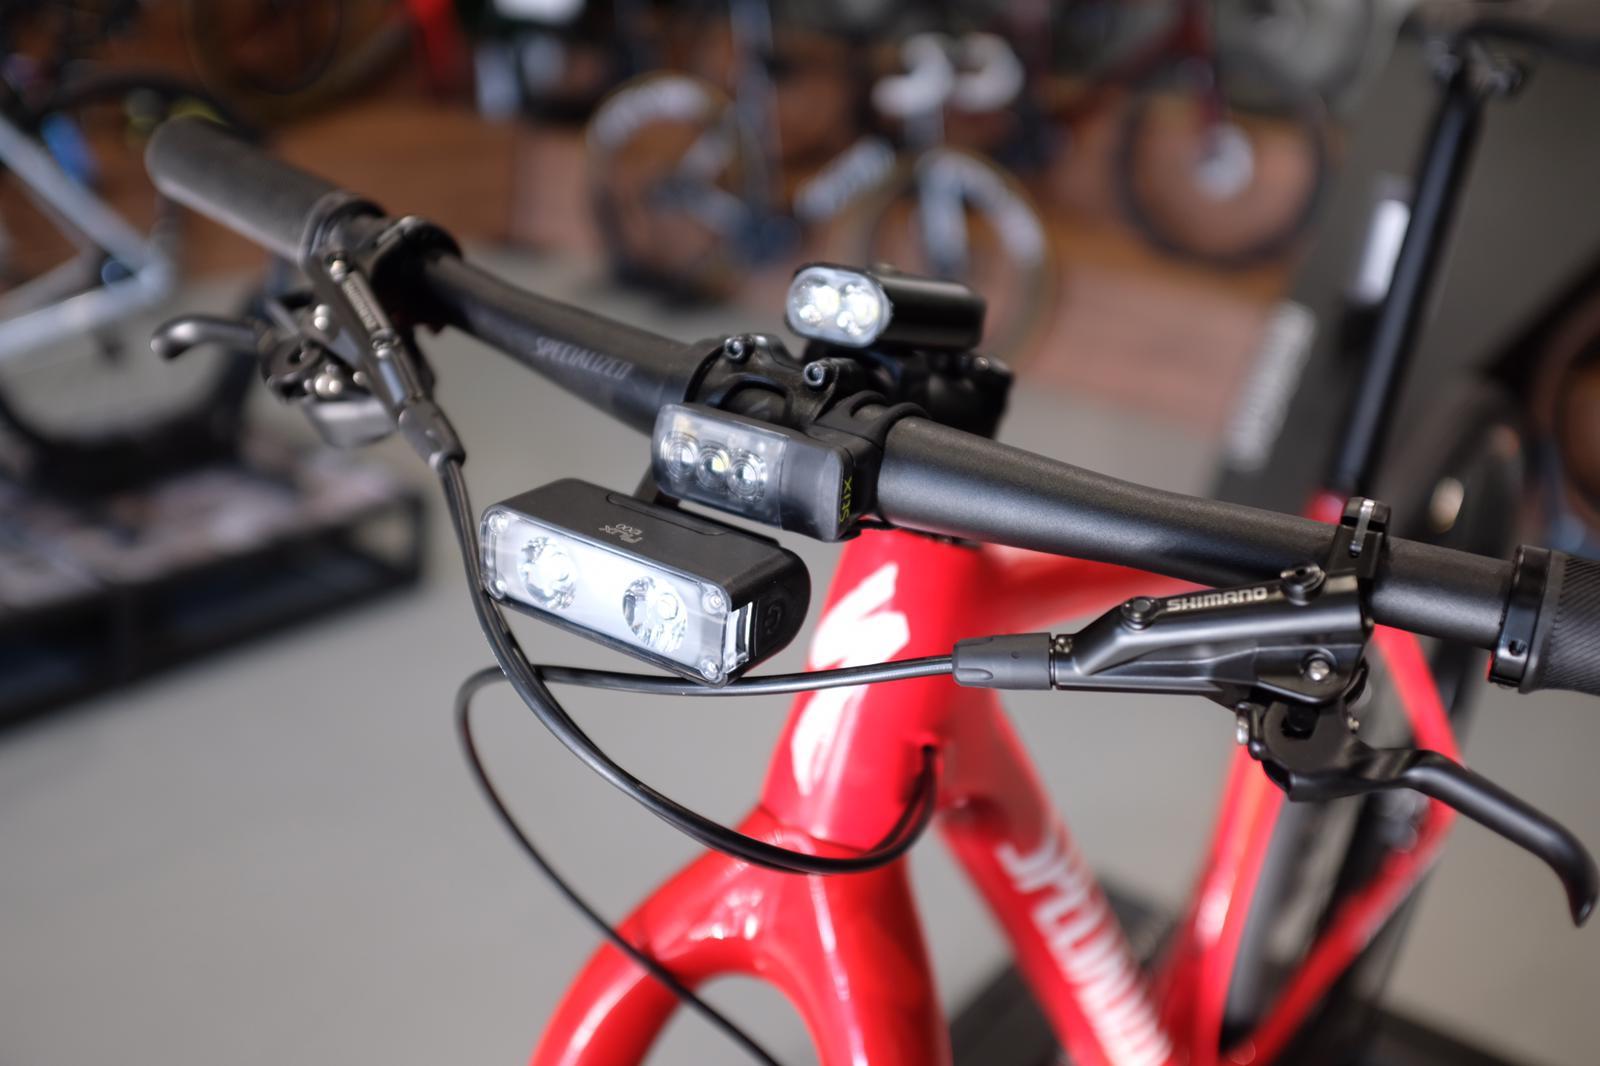 Goede fietsverlichting